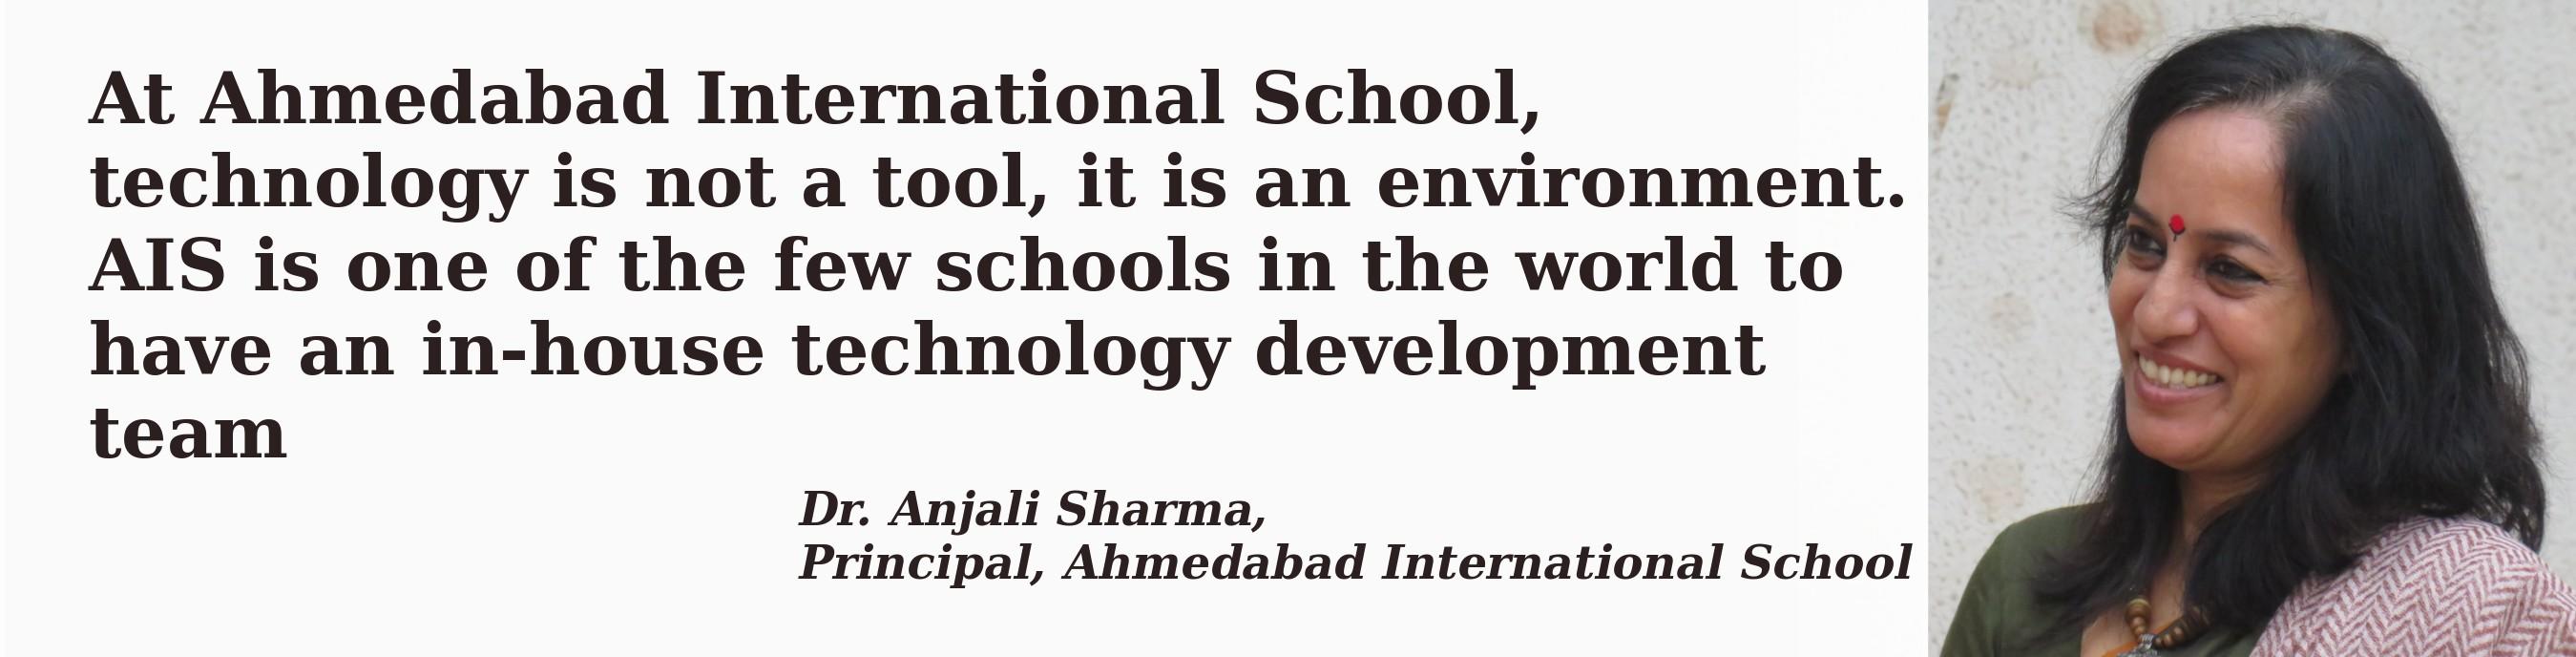 Dr-Anjali-Sharma